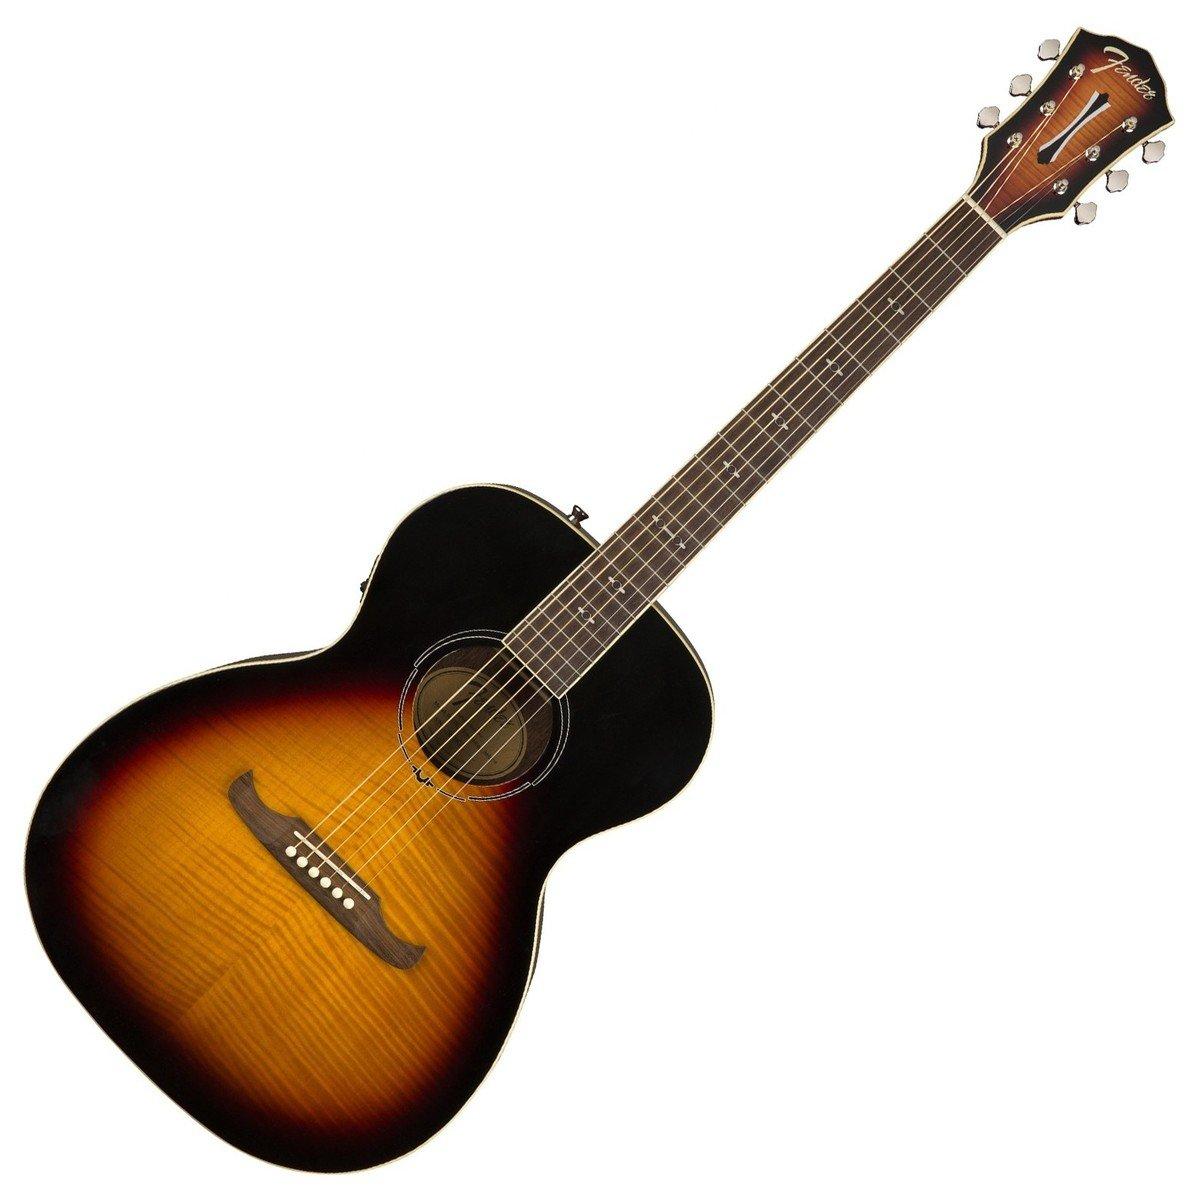 FA-235E Concert 3 tone acoustic